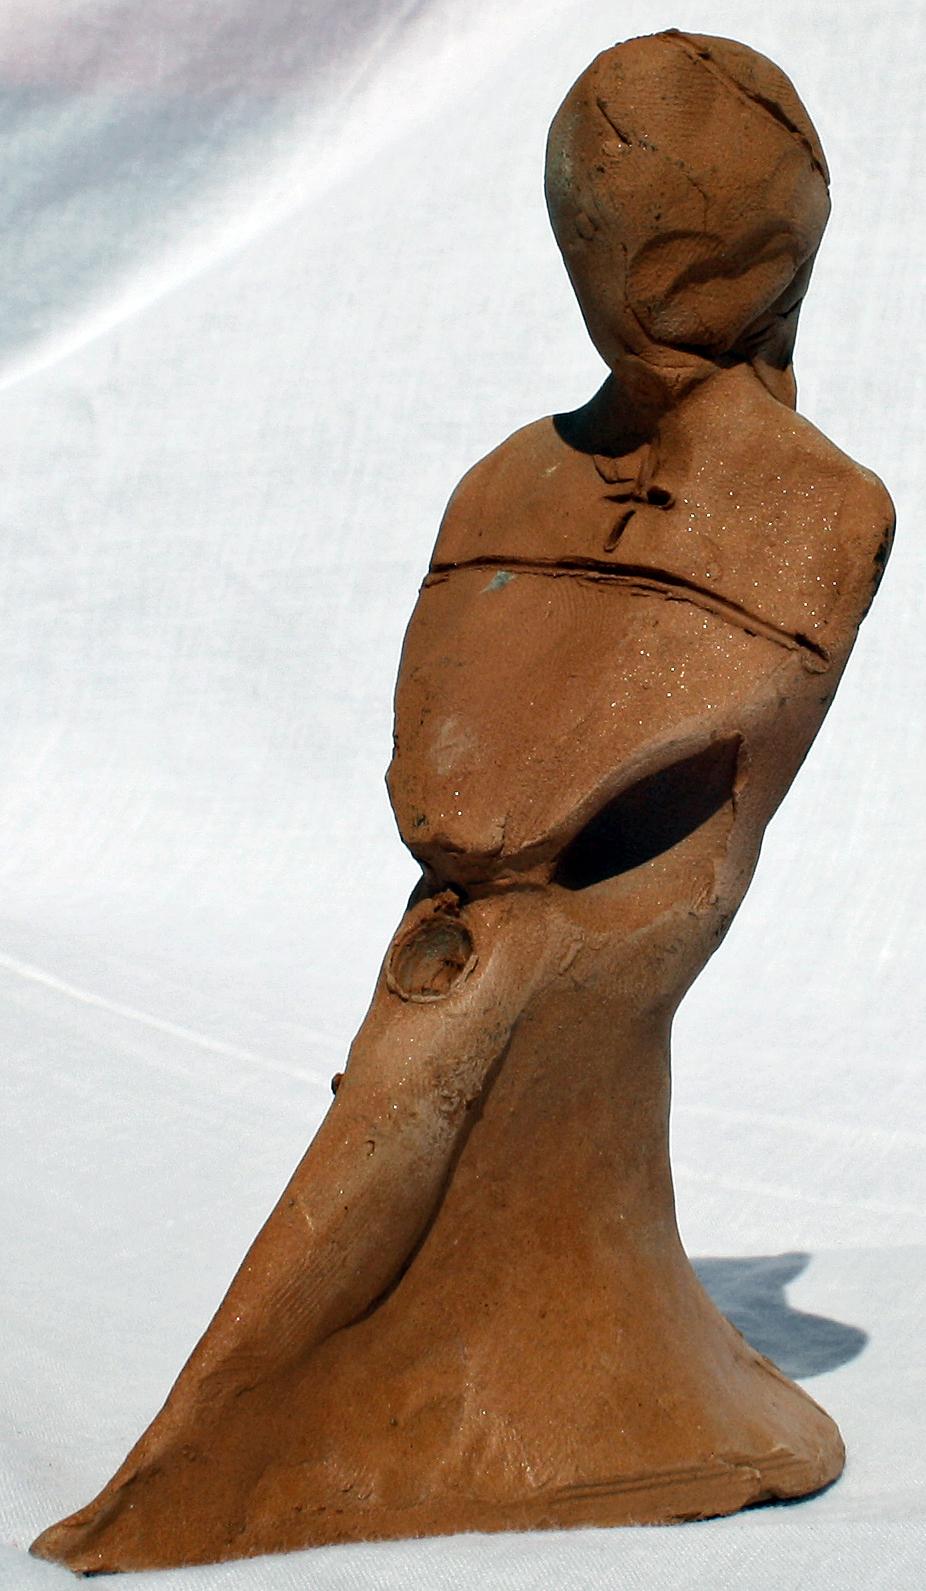 La prostituzione di un vescovo (Prostitution of a bisho), 1997 bozzetto in terracotta (earthenware sketch), h 17 cm, Pasquale Mastrogiacomo, Acerno (SA).